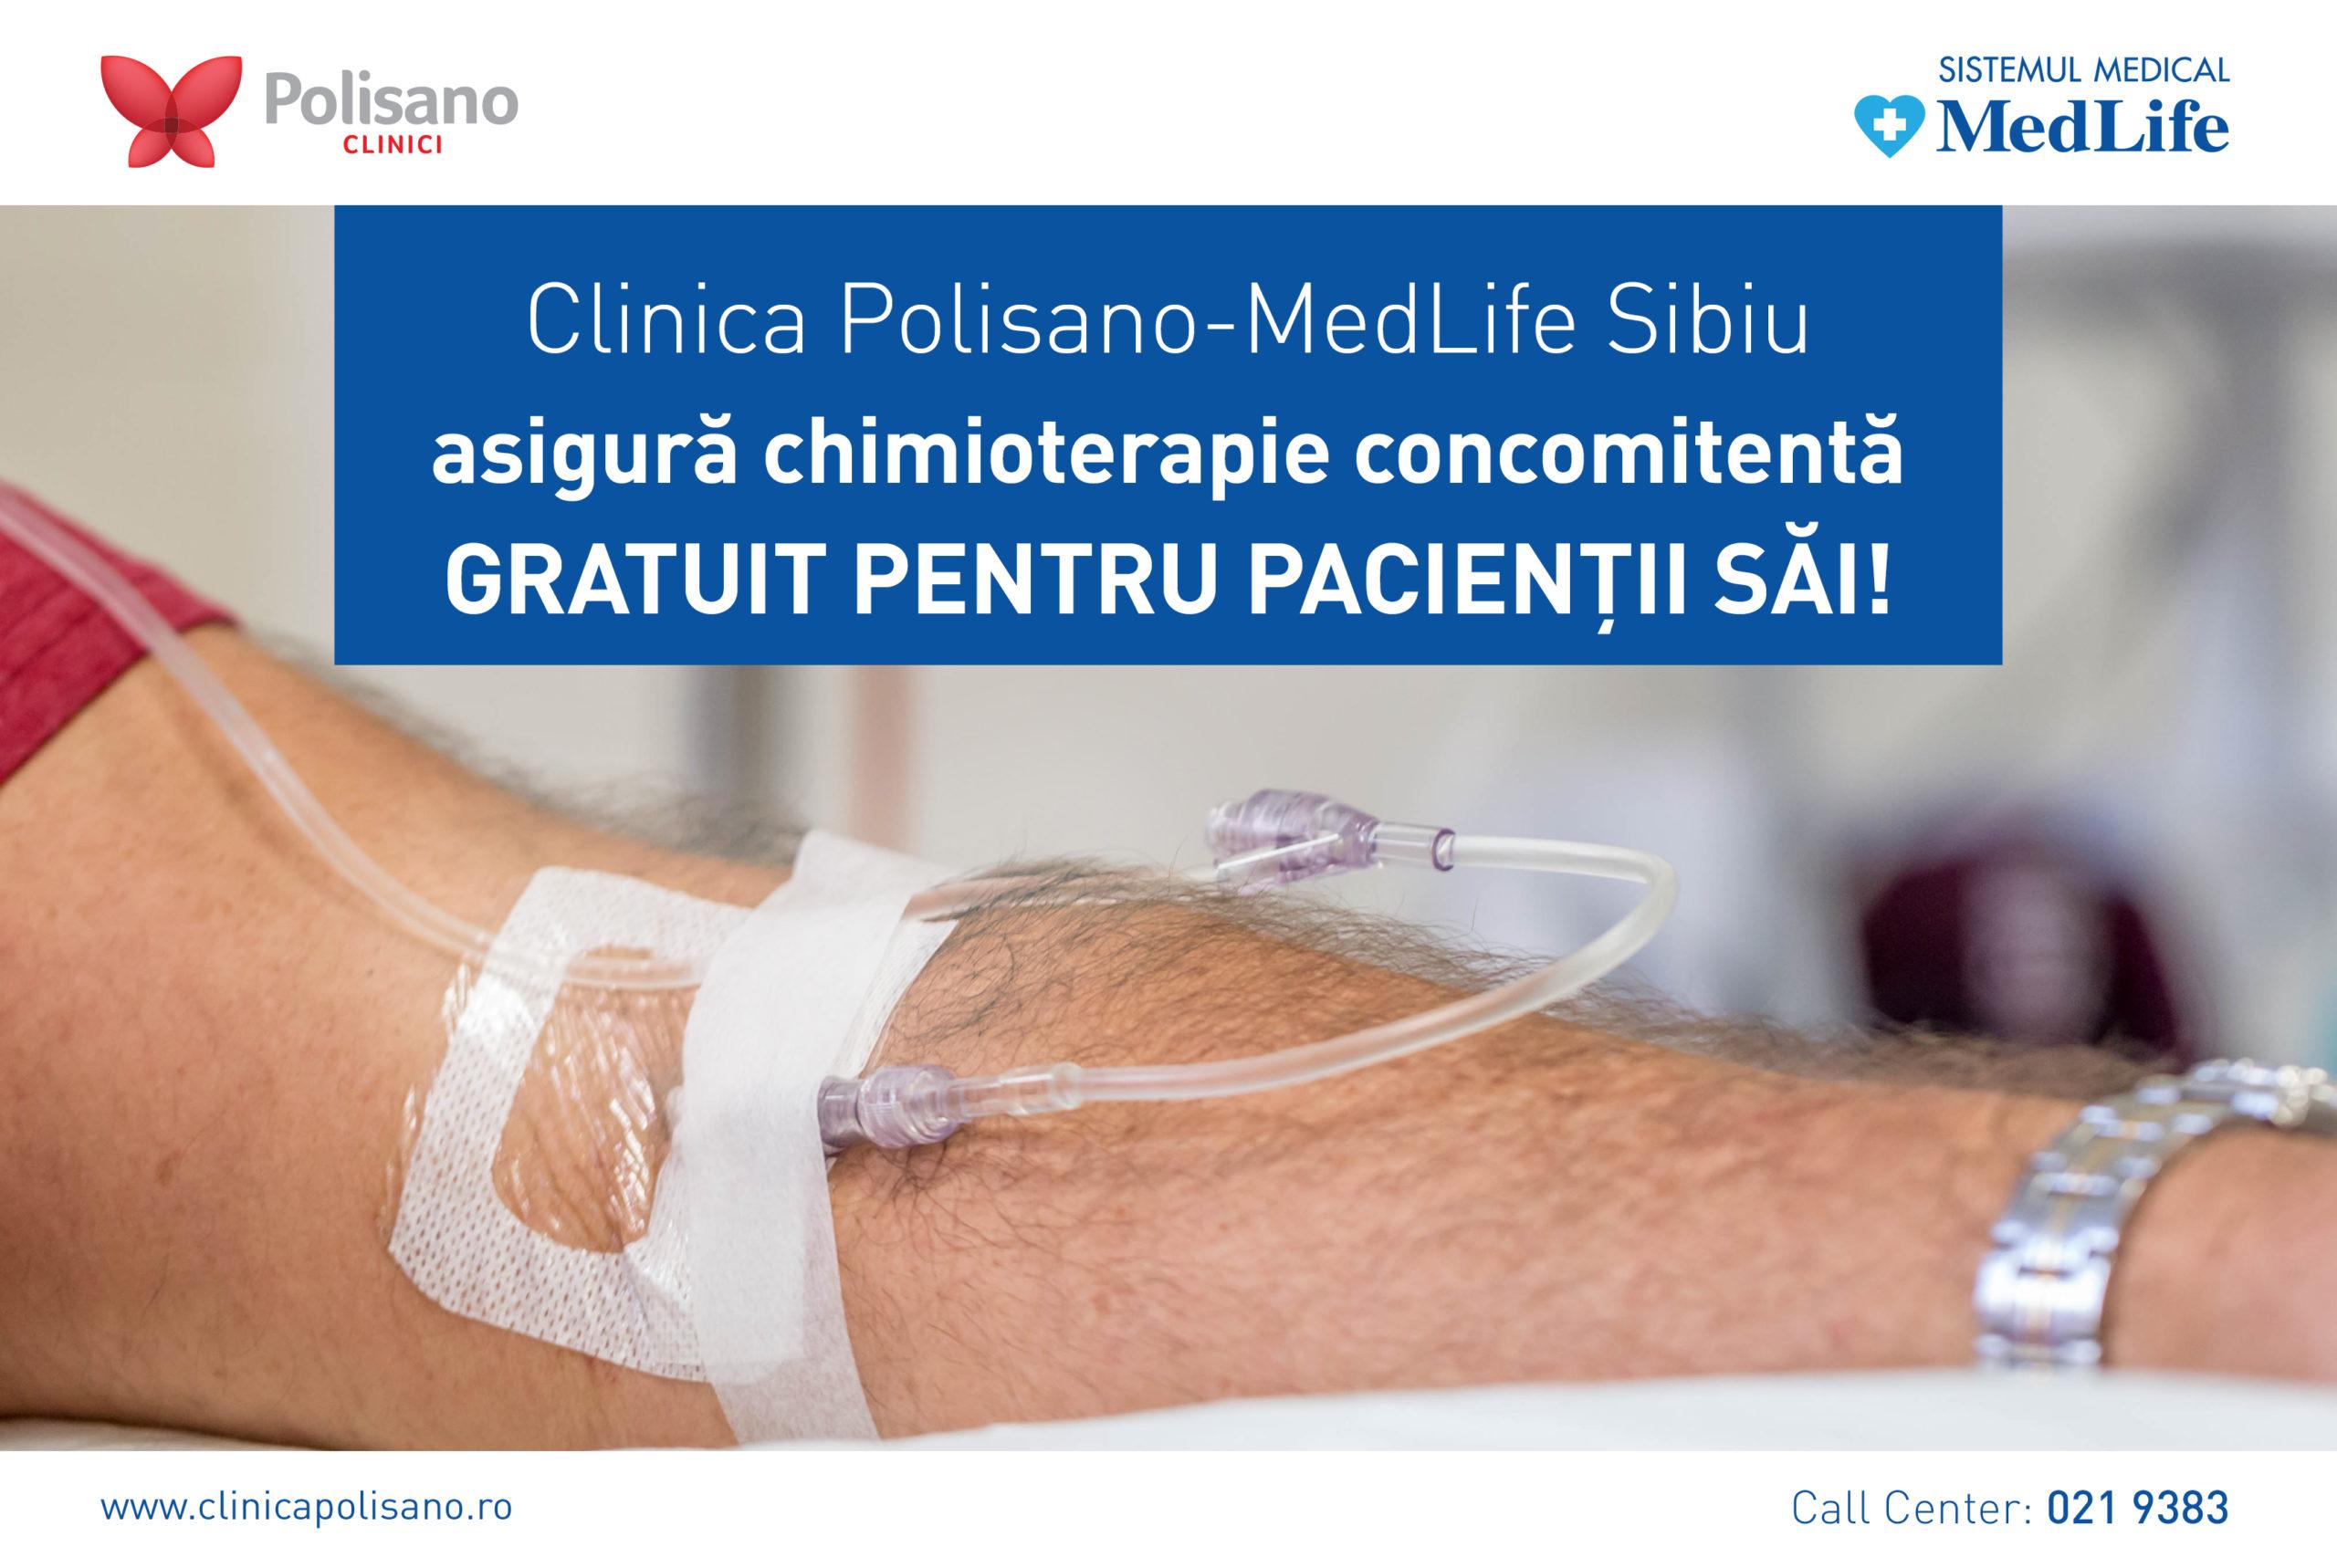 Polisano asigură gratuitate pentru pacienții care au nevoie de chimioterapie concomitenta